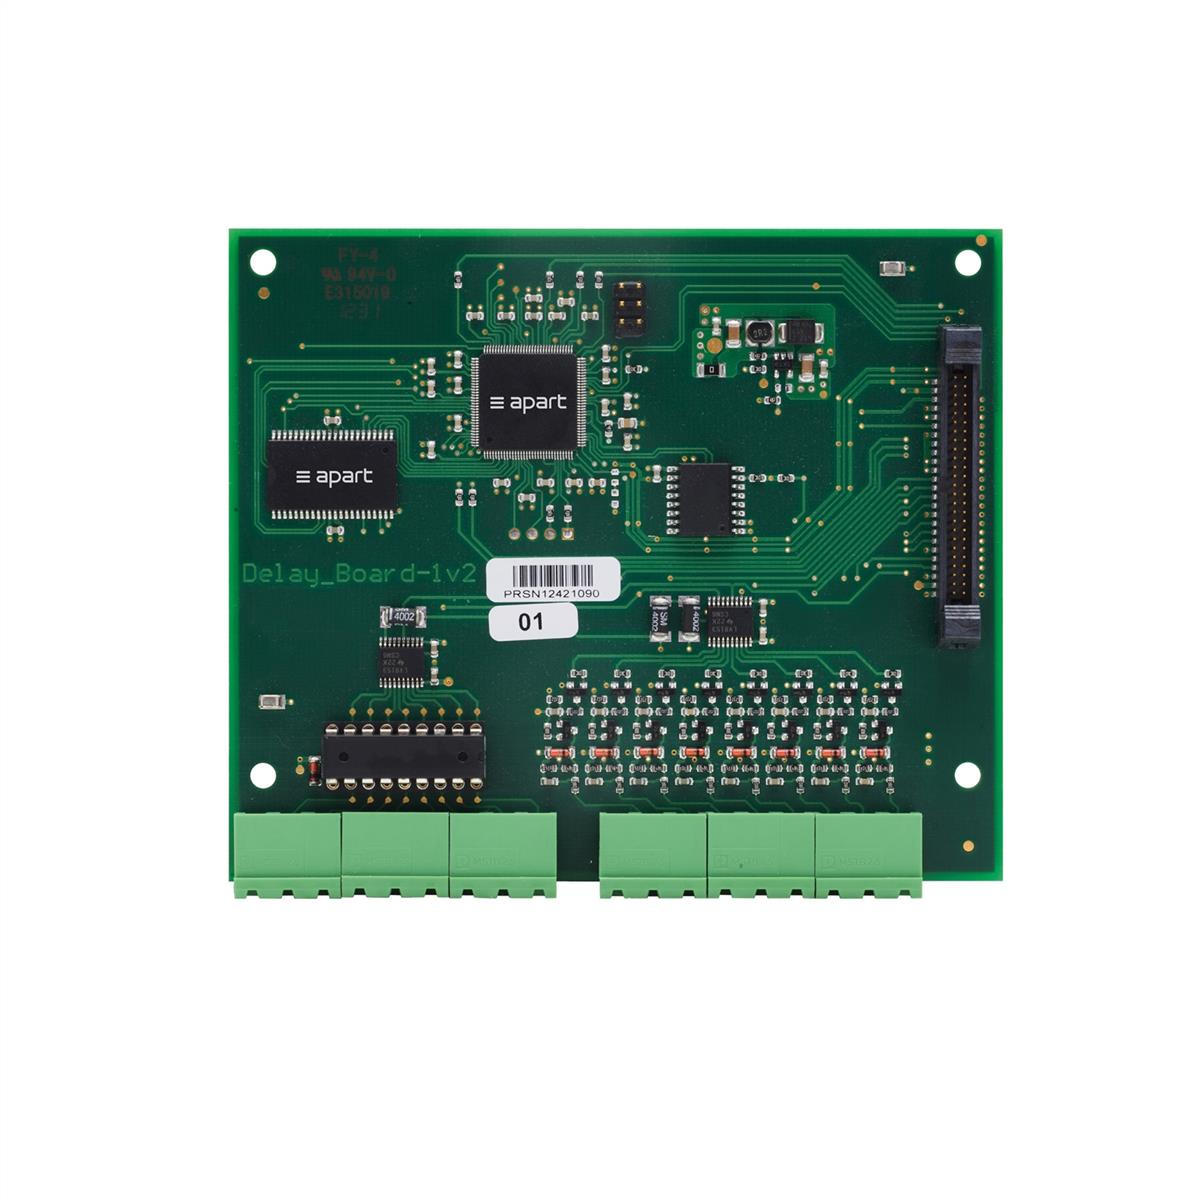 Apart Featurepack for Audiocontrol 12-8